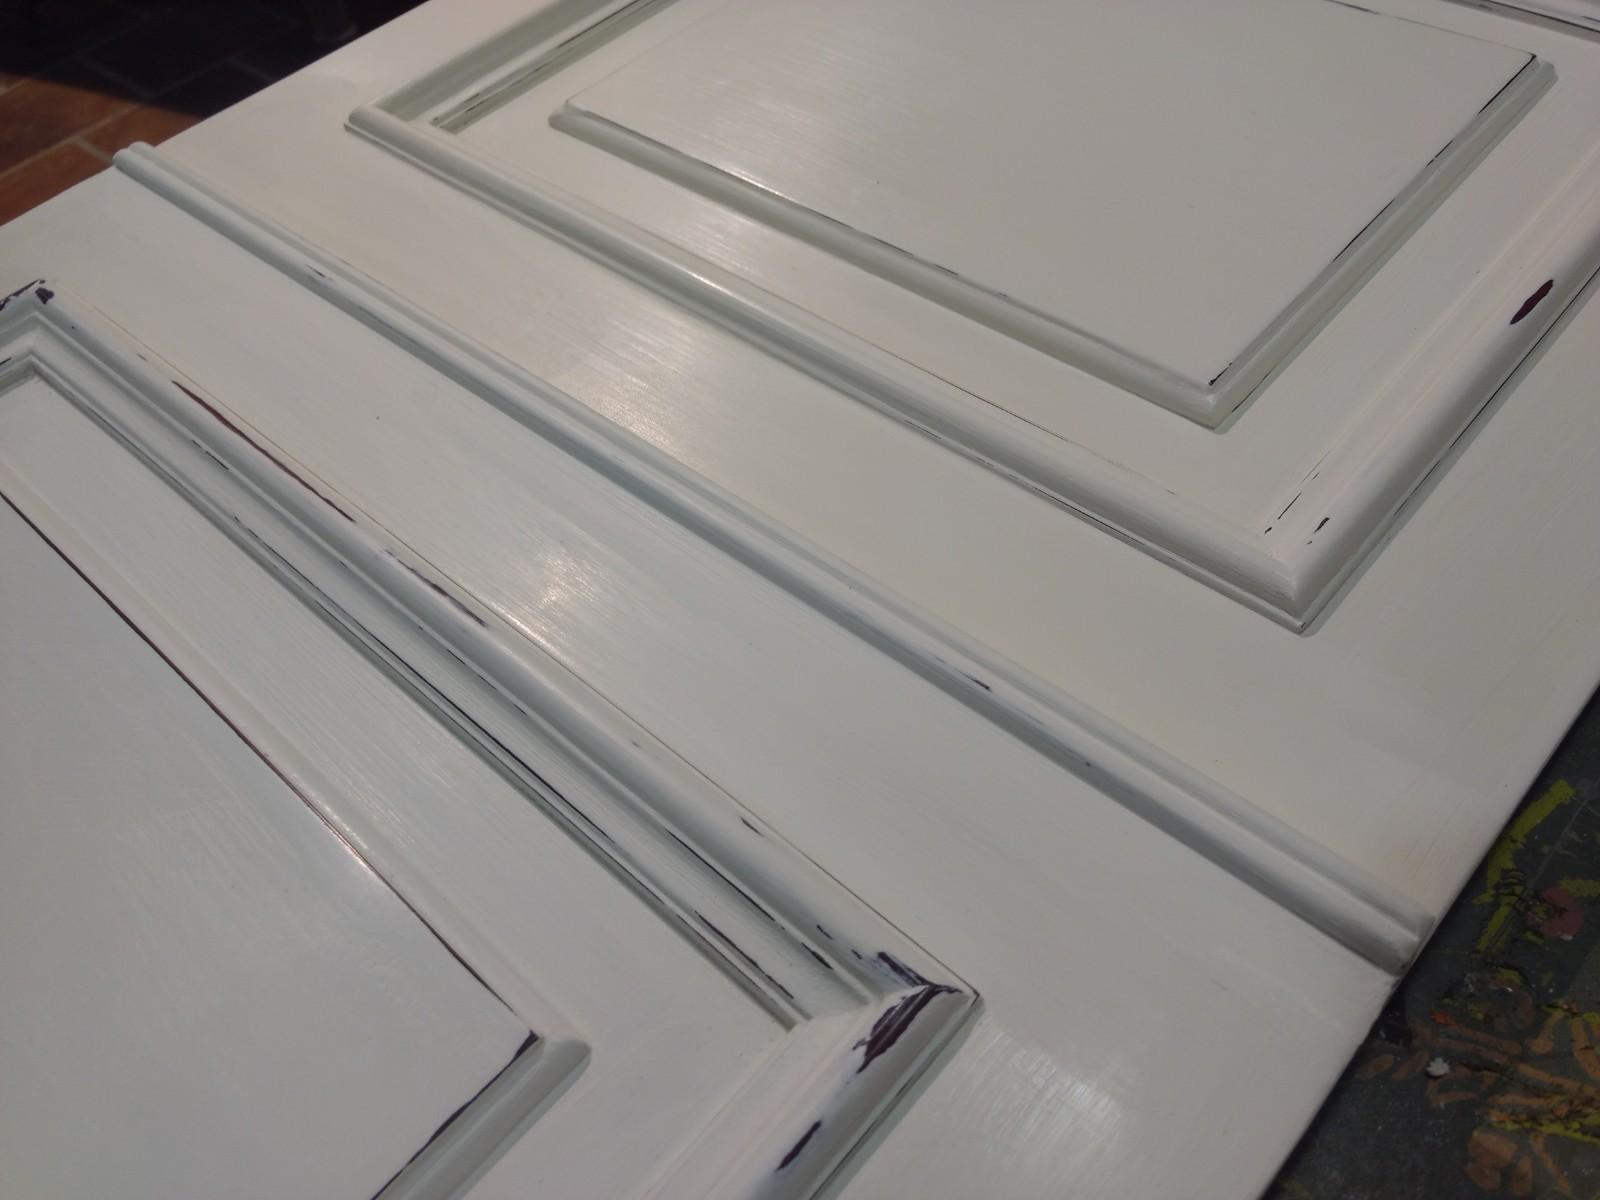 Teníamos claro que el color principal iba a ser el blanco ¿Pero qué tipo de blanco?, ¿cálido o frío?